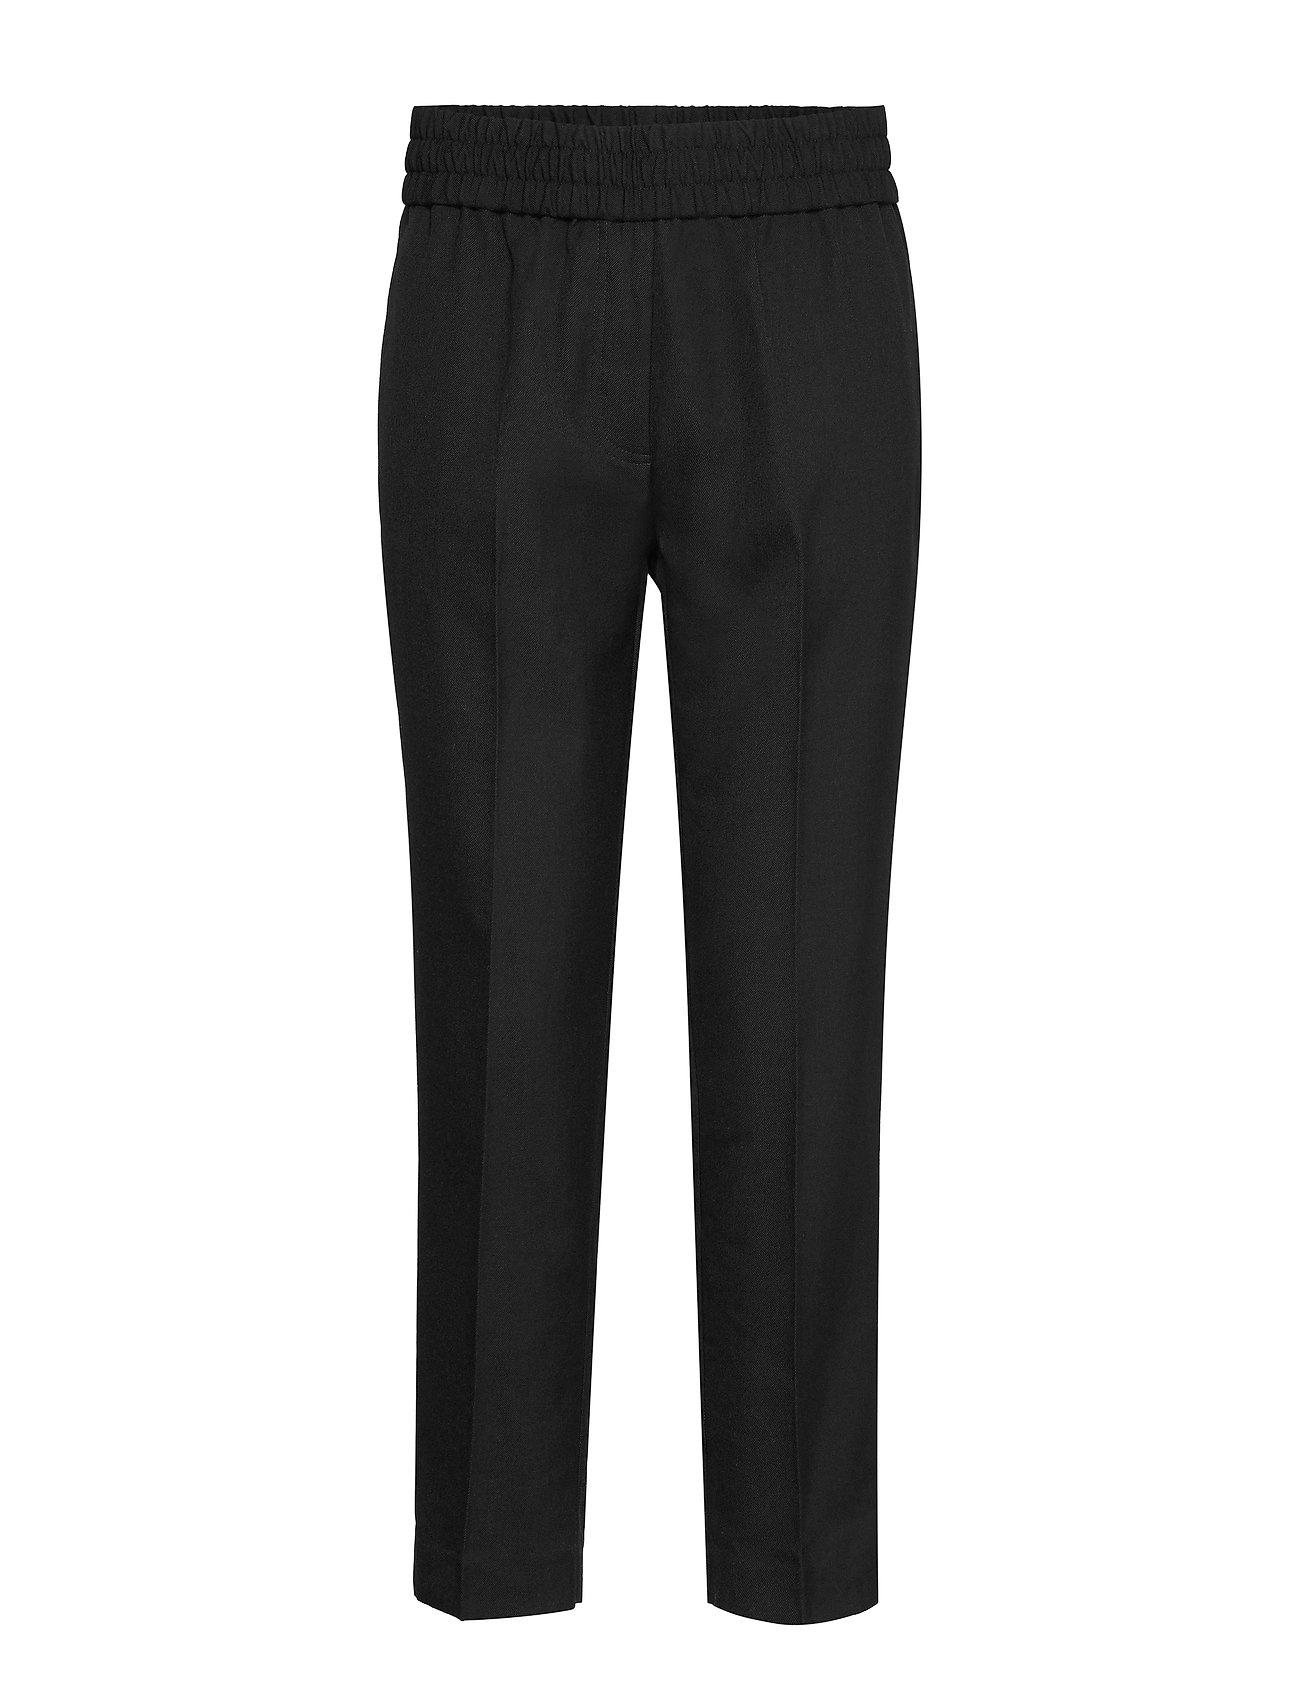 Samsøe & Samsøe Smilla trousers 11202 - BLACK